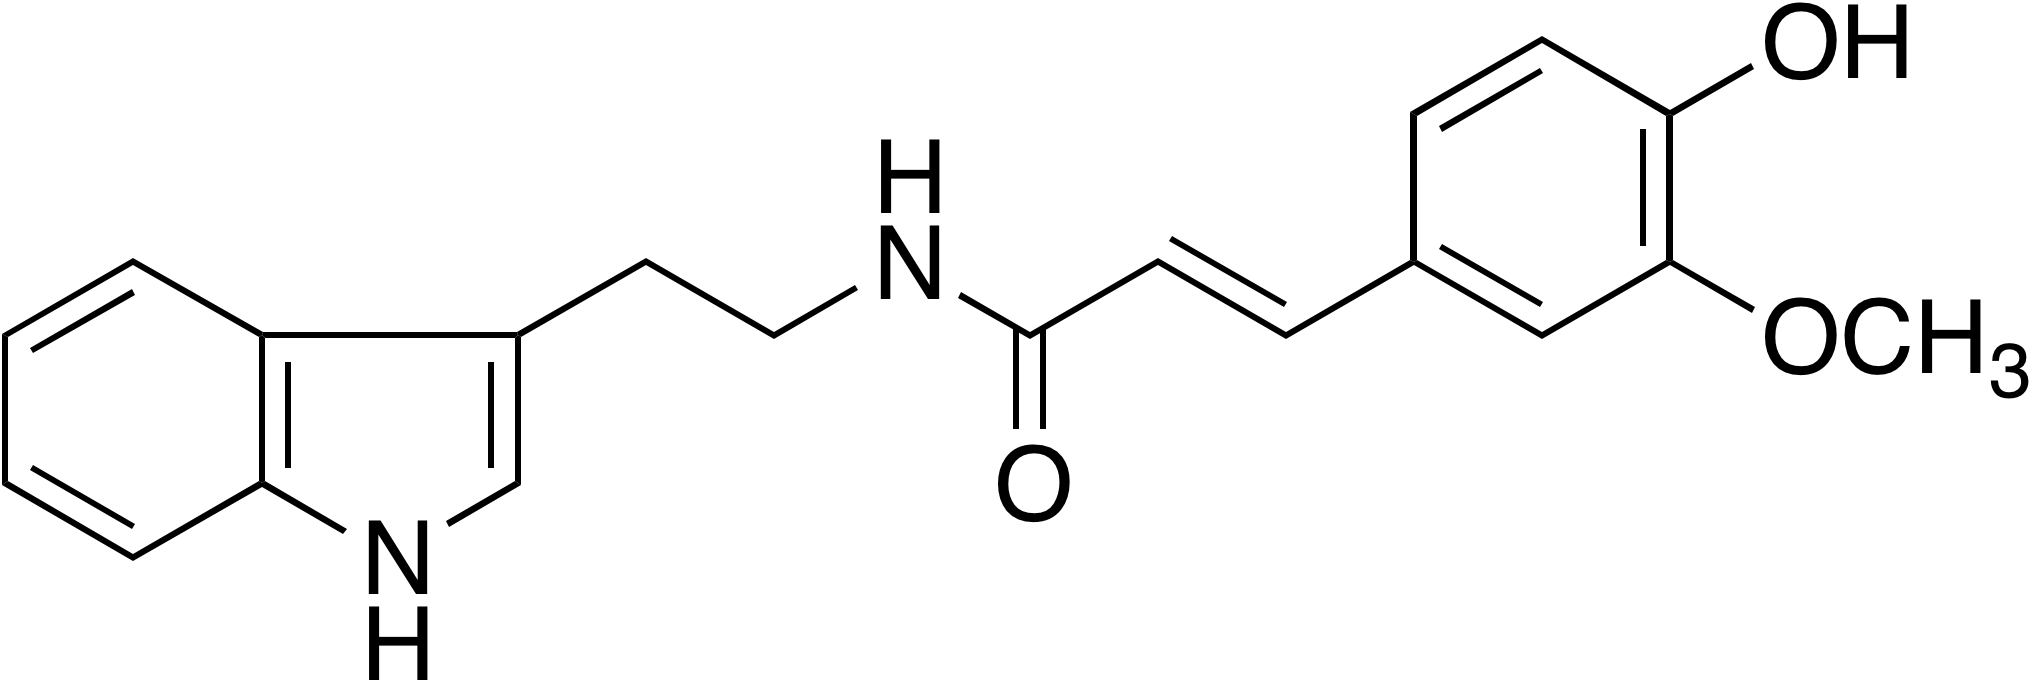 Nb-Feruloyltryptamine